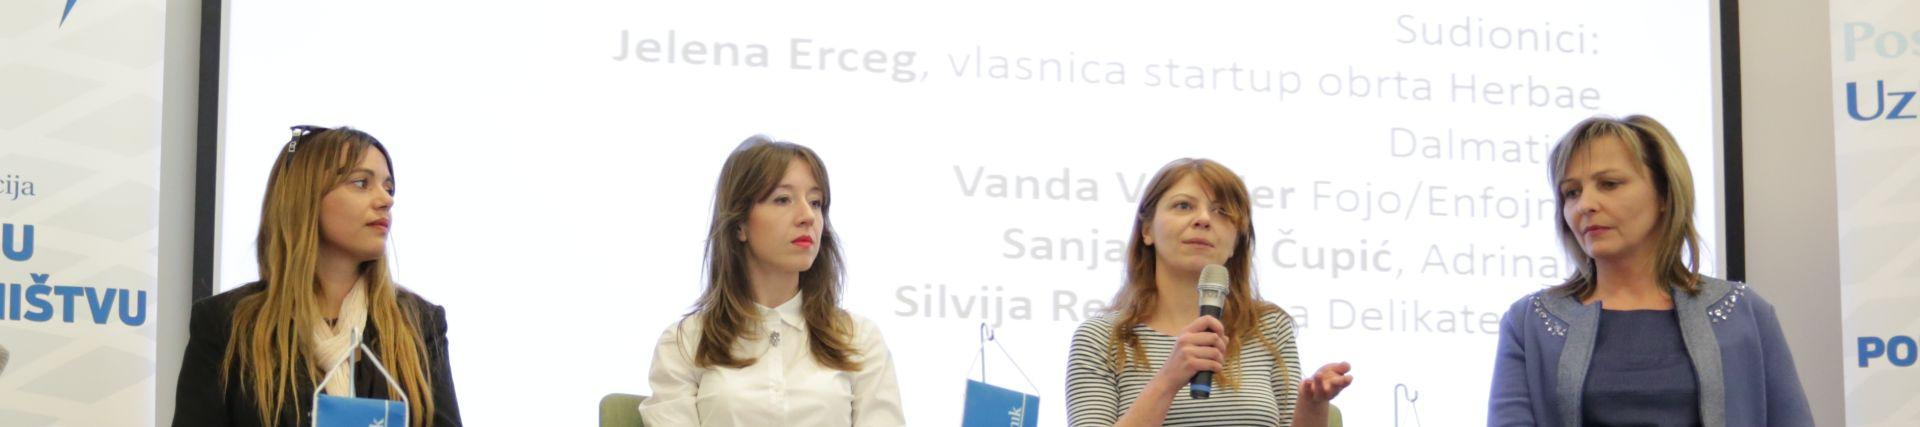 DA IH JE BAREM JOŠ VIŠE Hrvatska s najviše poduzetnica u regiji